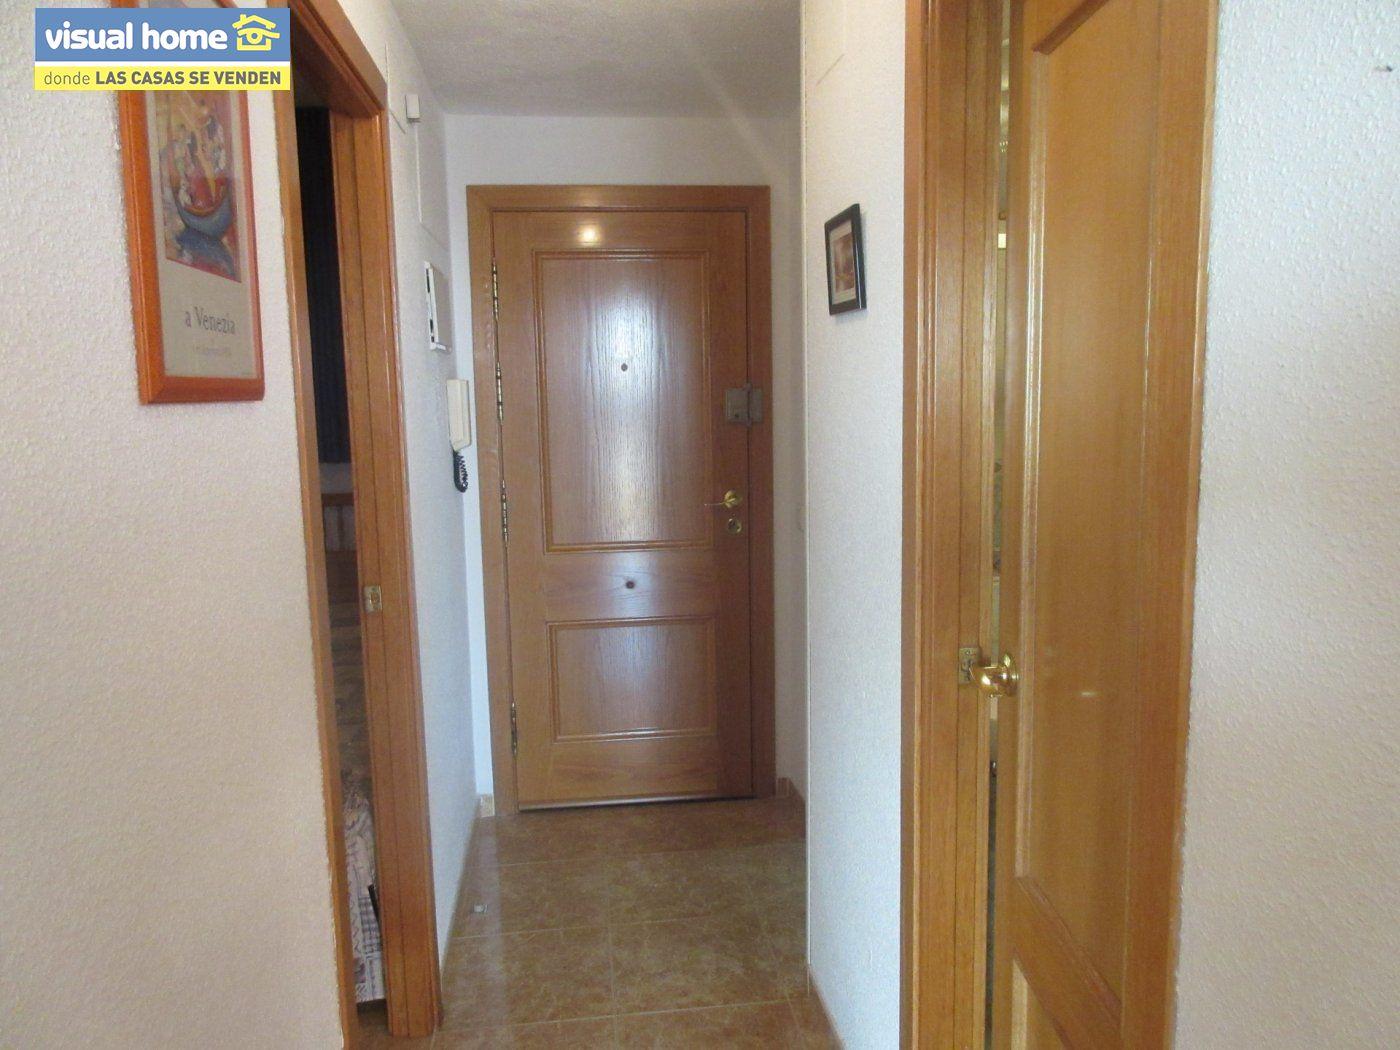 Apartamento 1 dormitorio con vistas espectaculares con parking y piscina en Rincón de Loix llano 19